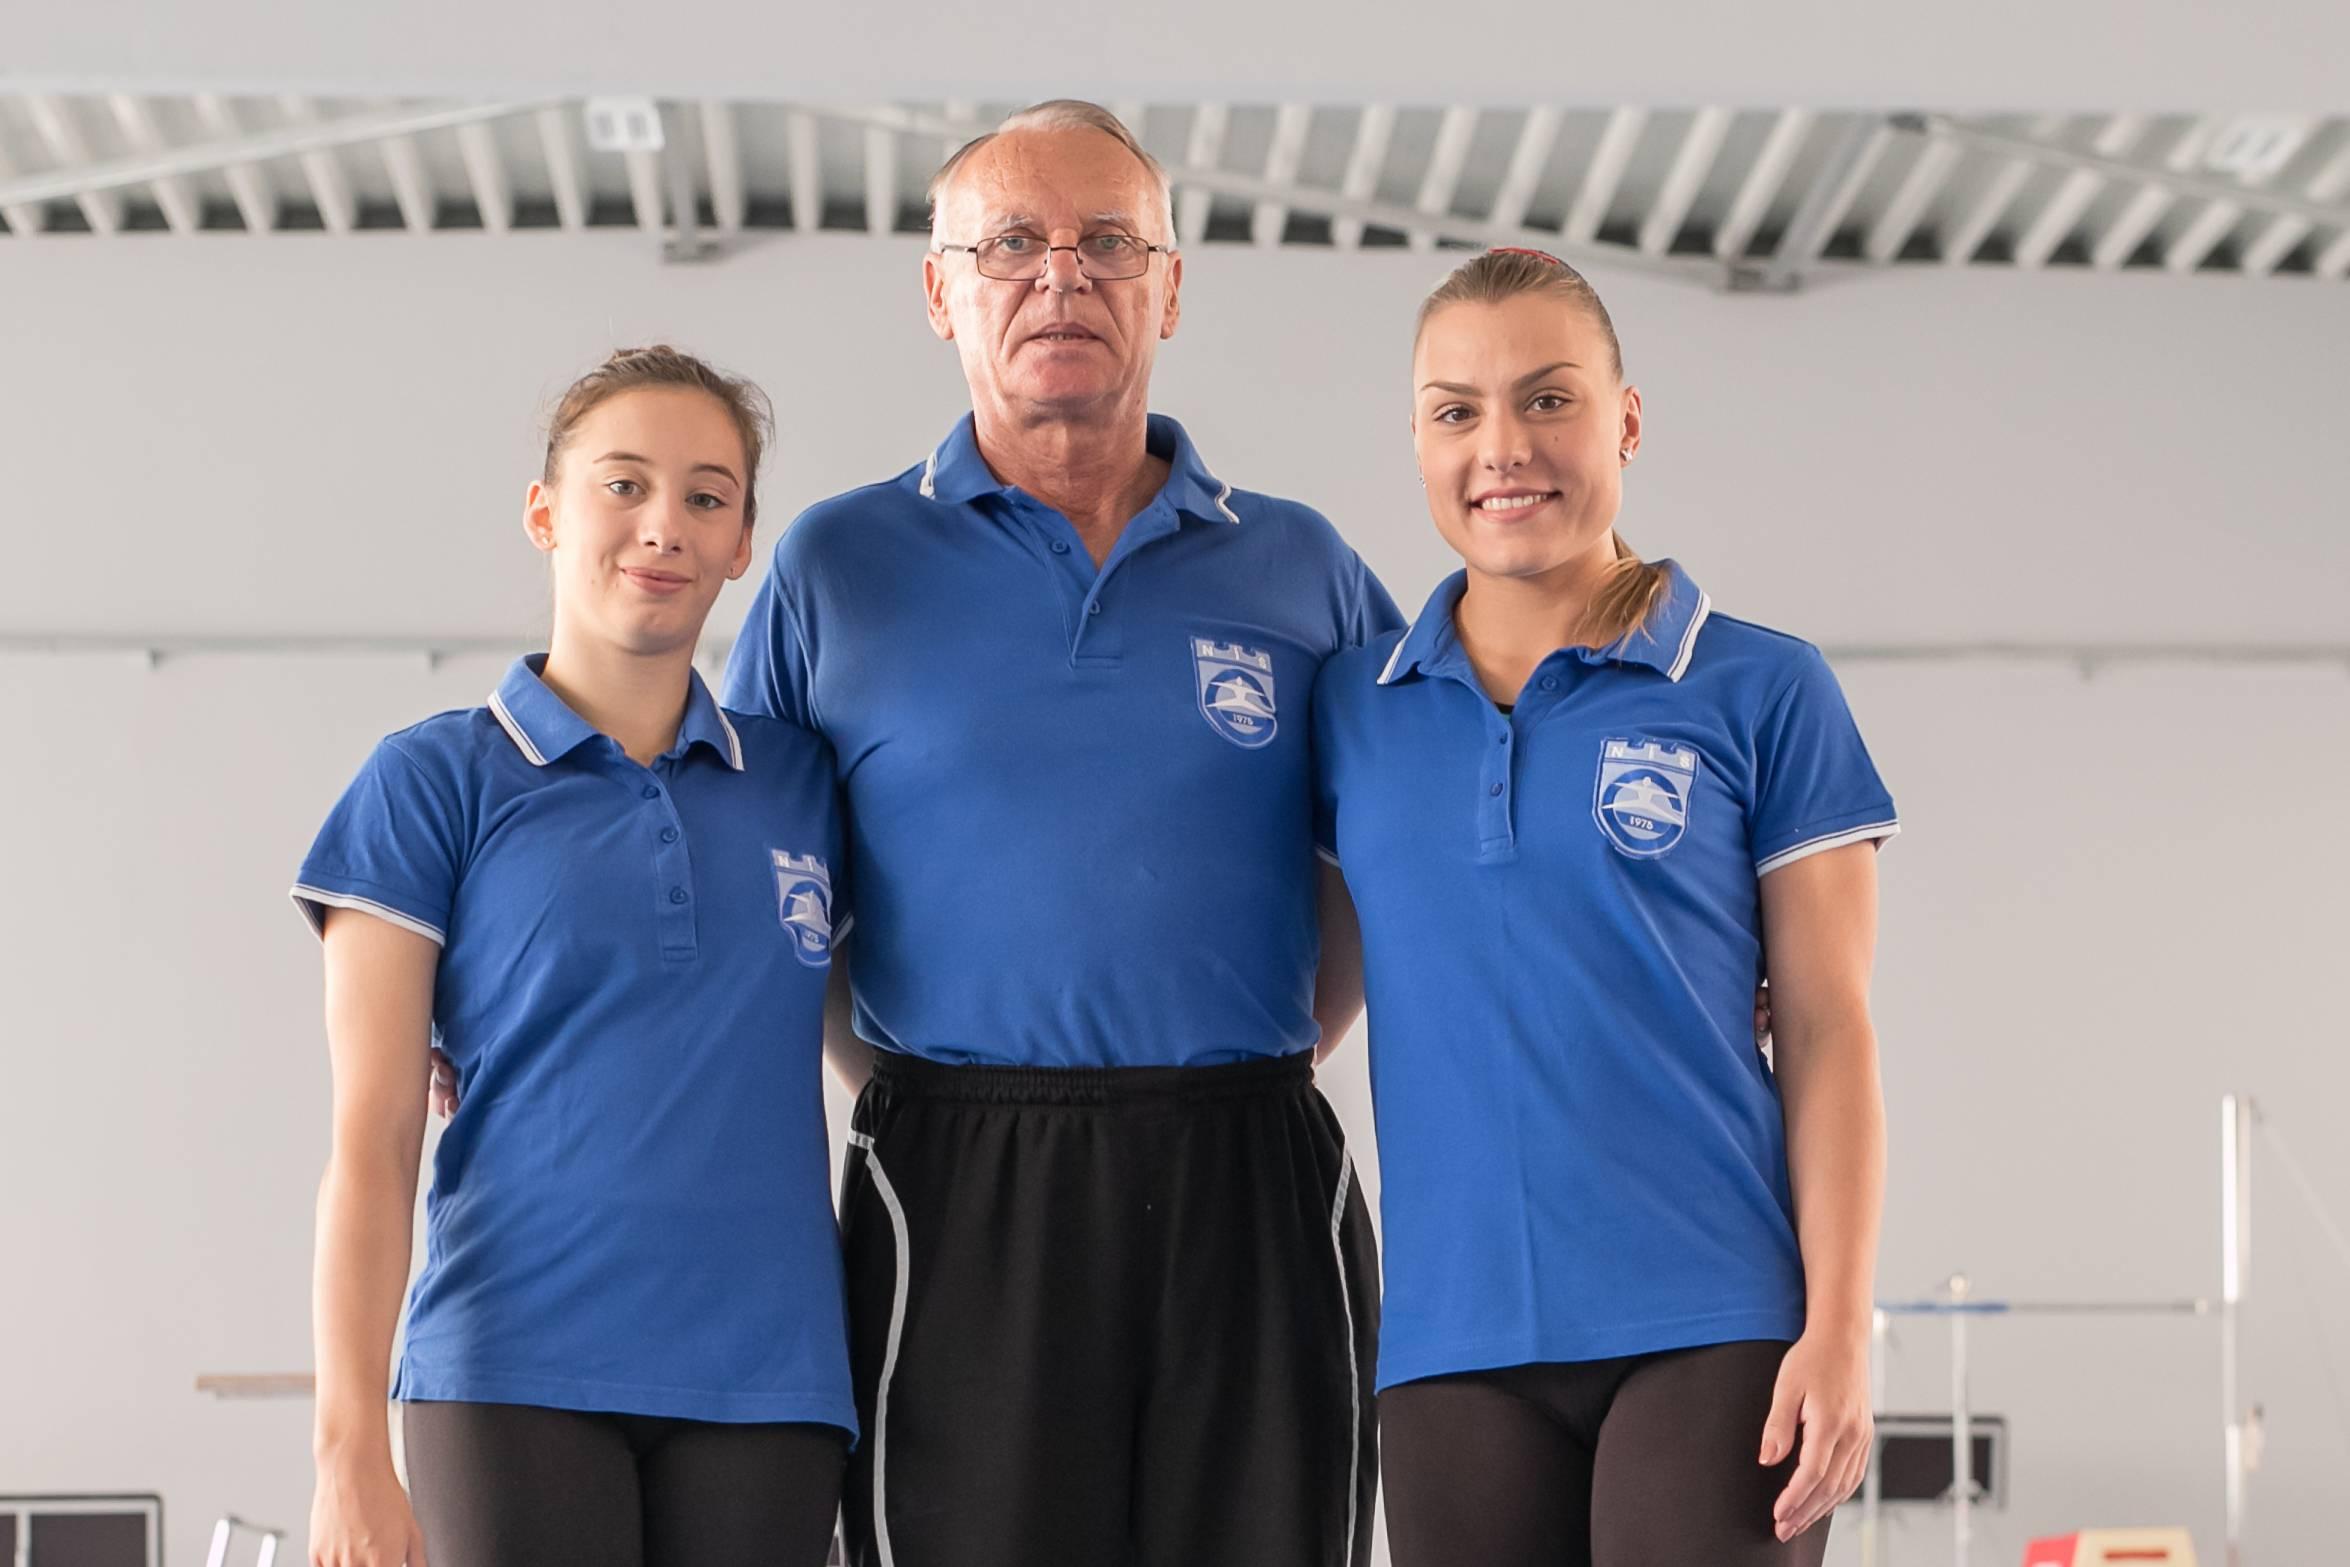 Sokol Centar Vrhunska gimnastička dvorana u Osijeku Gimnastički klub Niš